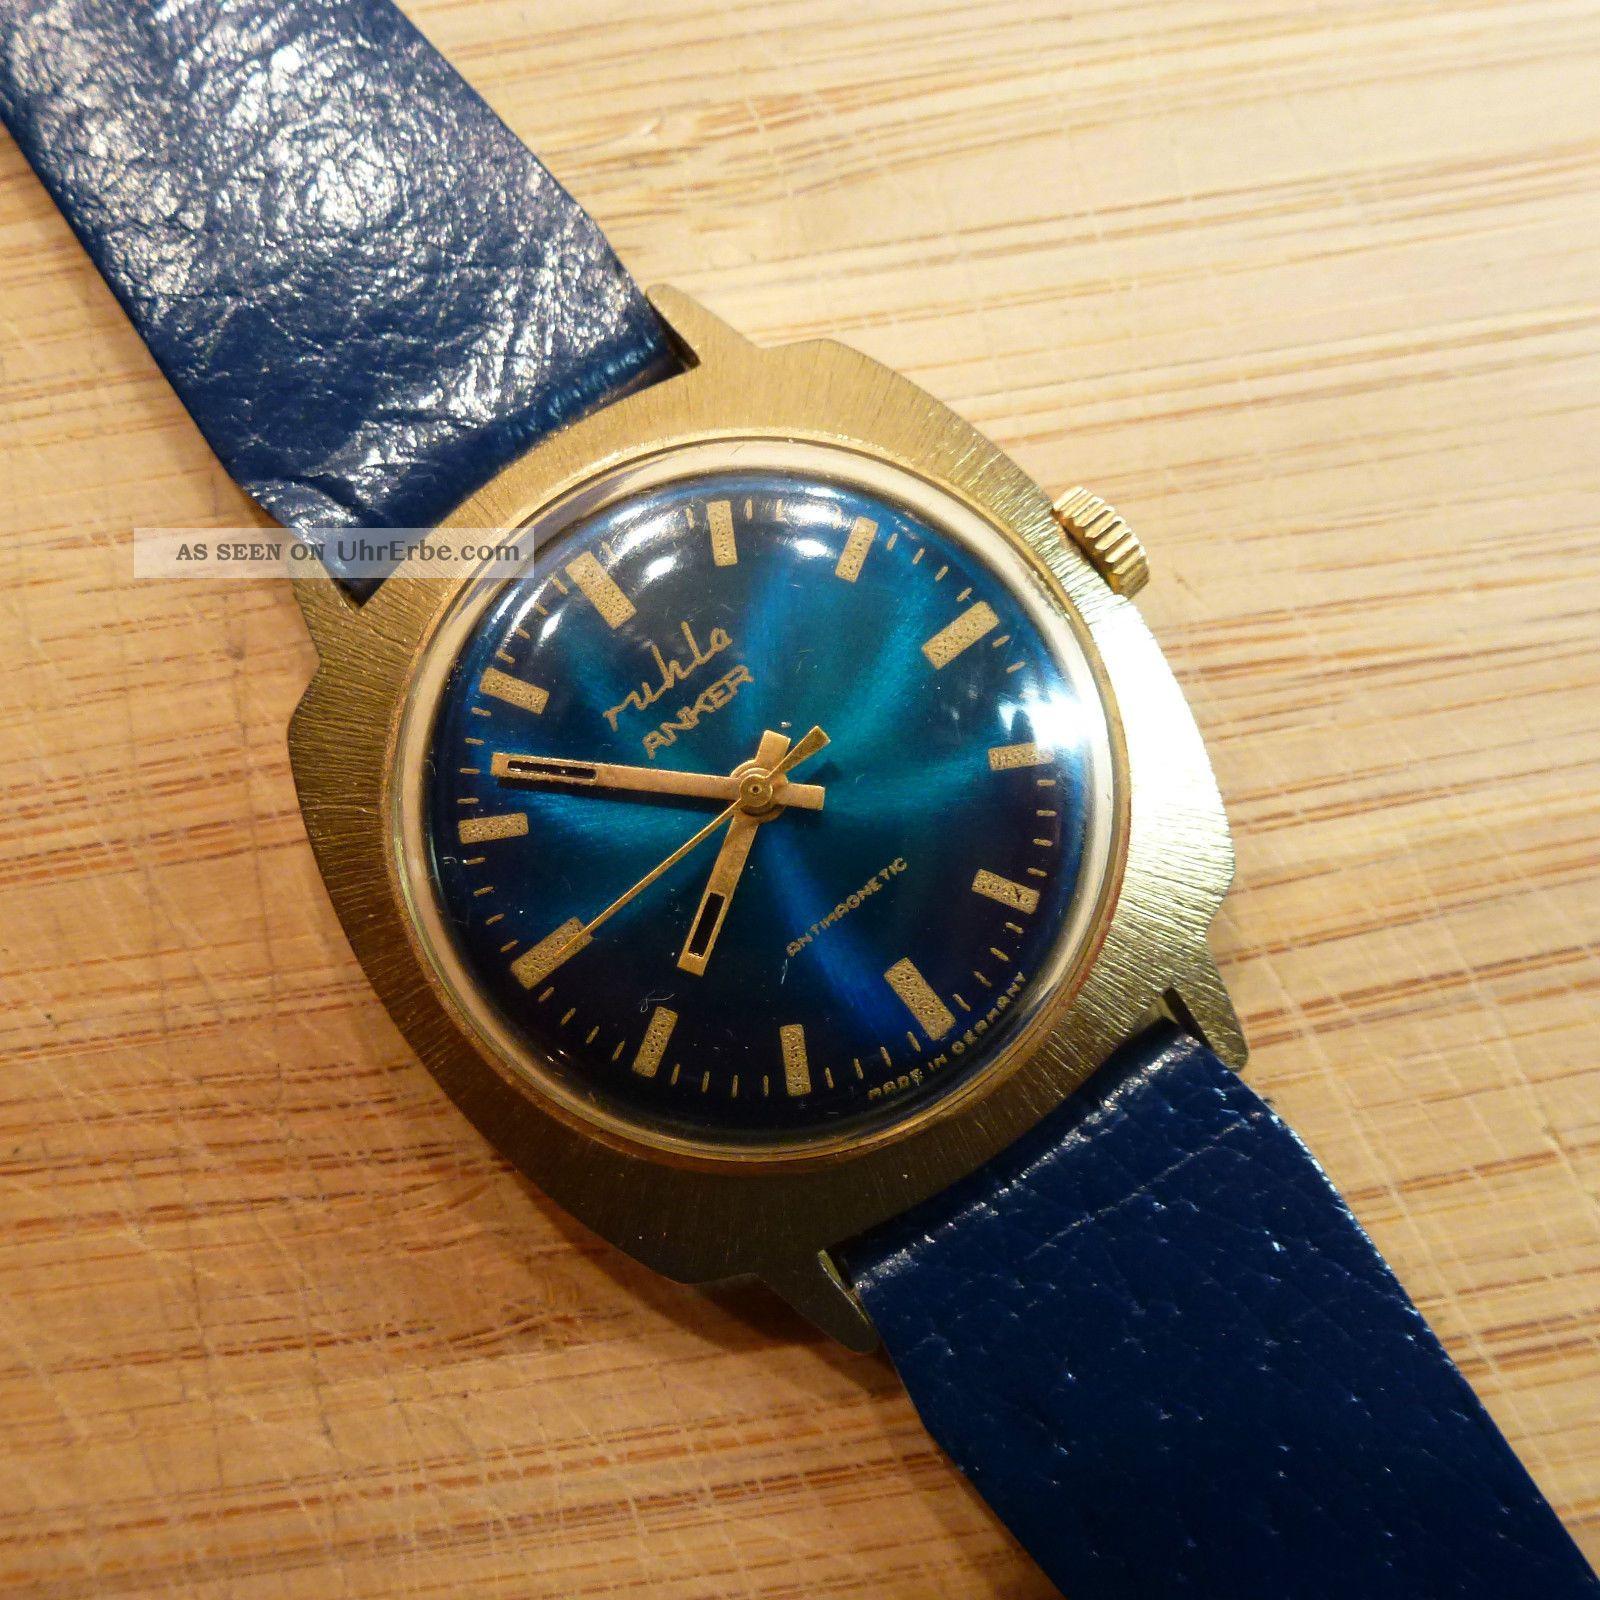 Ruhla Anker Herrenuhr Mechanisch Handaufzug Armbanduhr Uhr Sammler Ddr Gdr Armbanduhren Bild